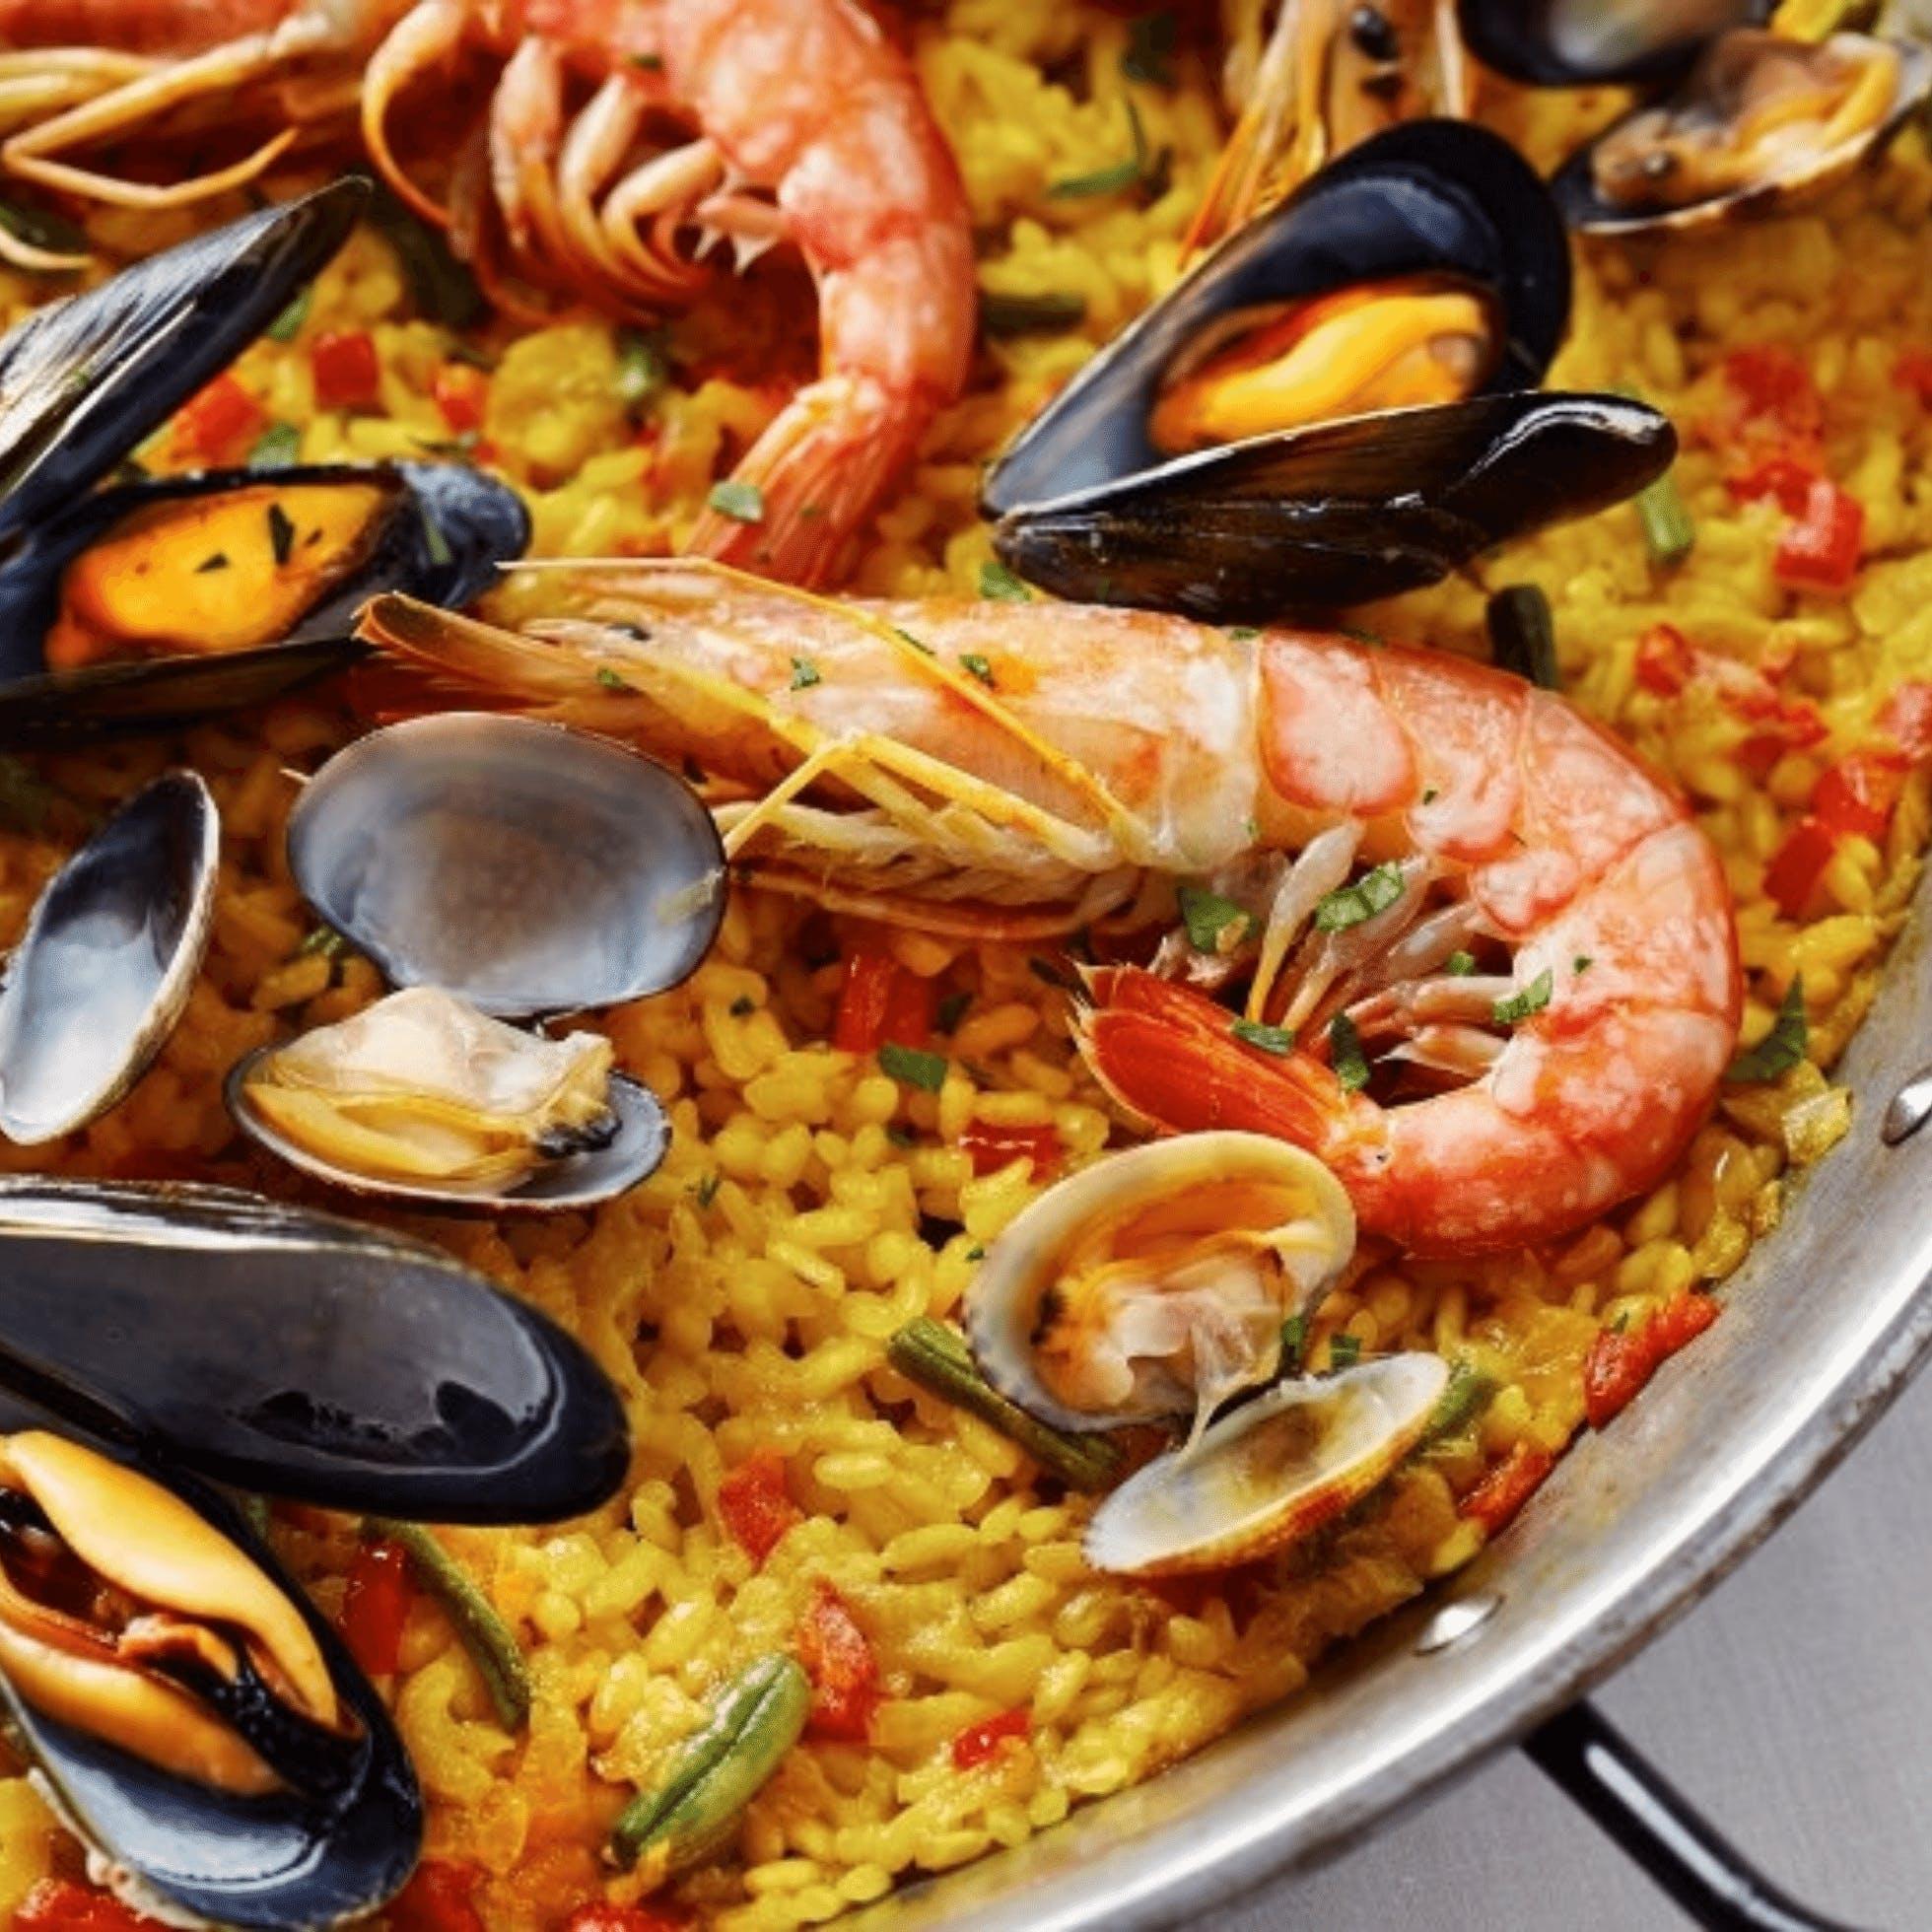 Date Night in Spain (Online Class)